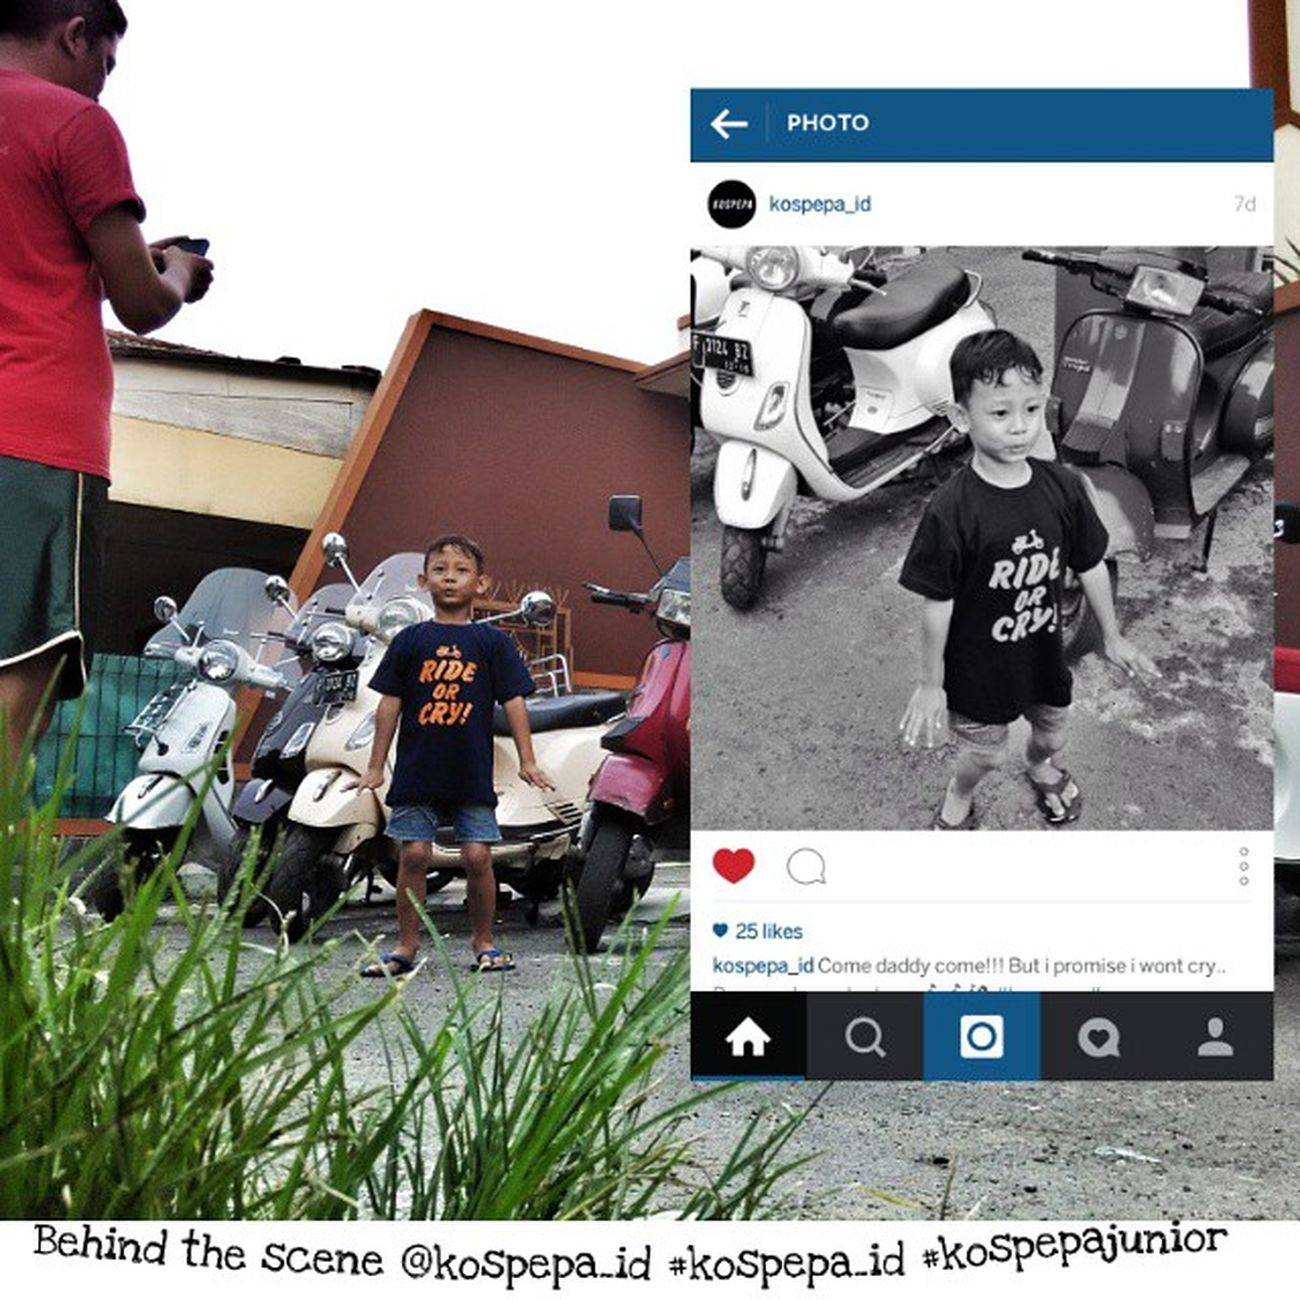 BTS Omar  Kospepa_id Kospepajunior Vespa Vespalover vespagram vespaindonesia kaos t-shirt